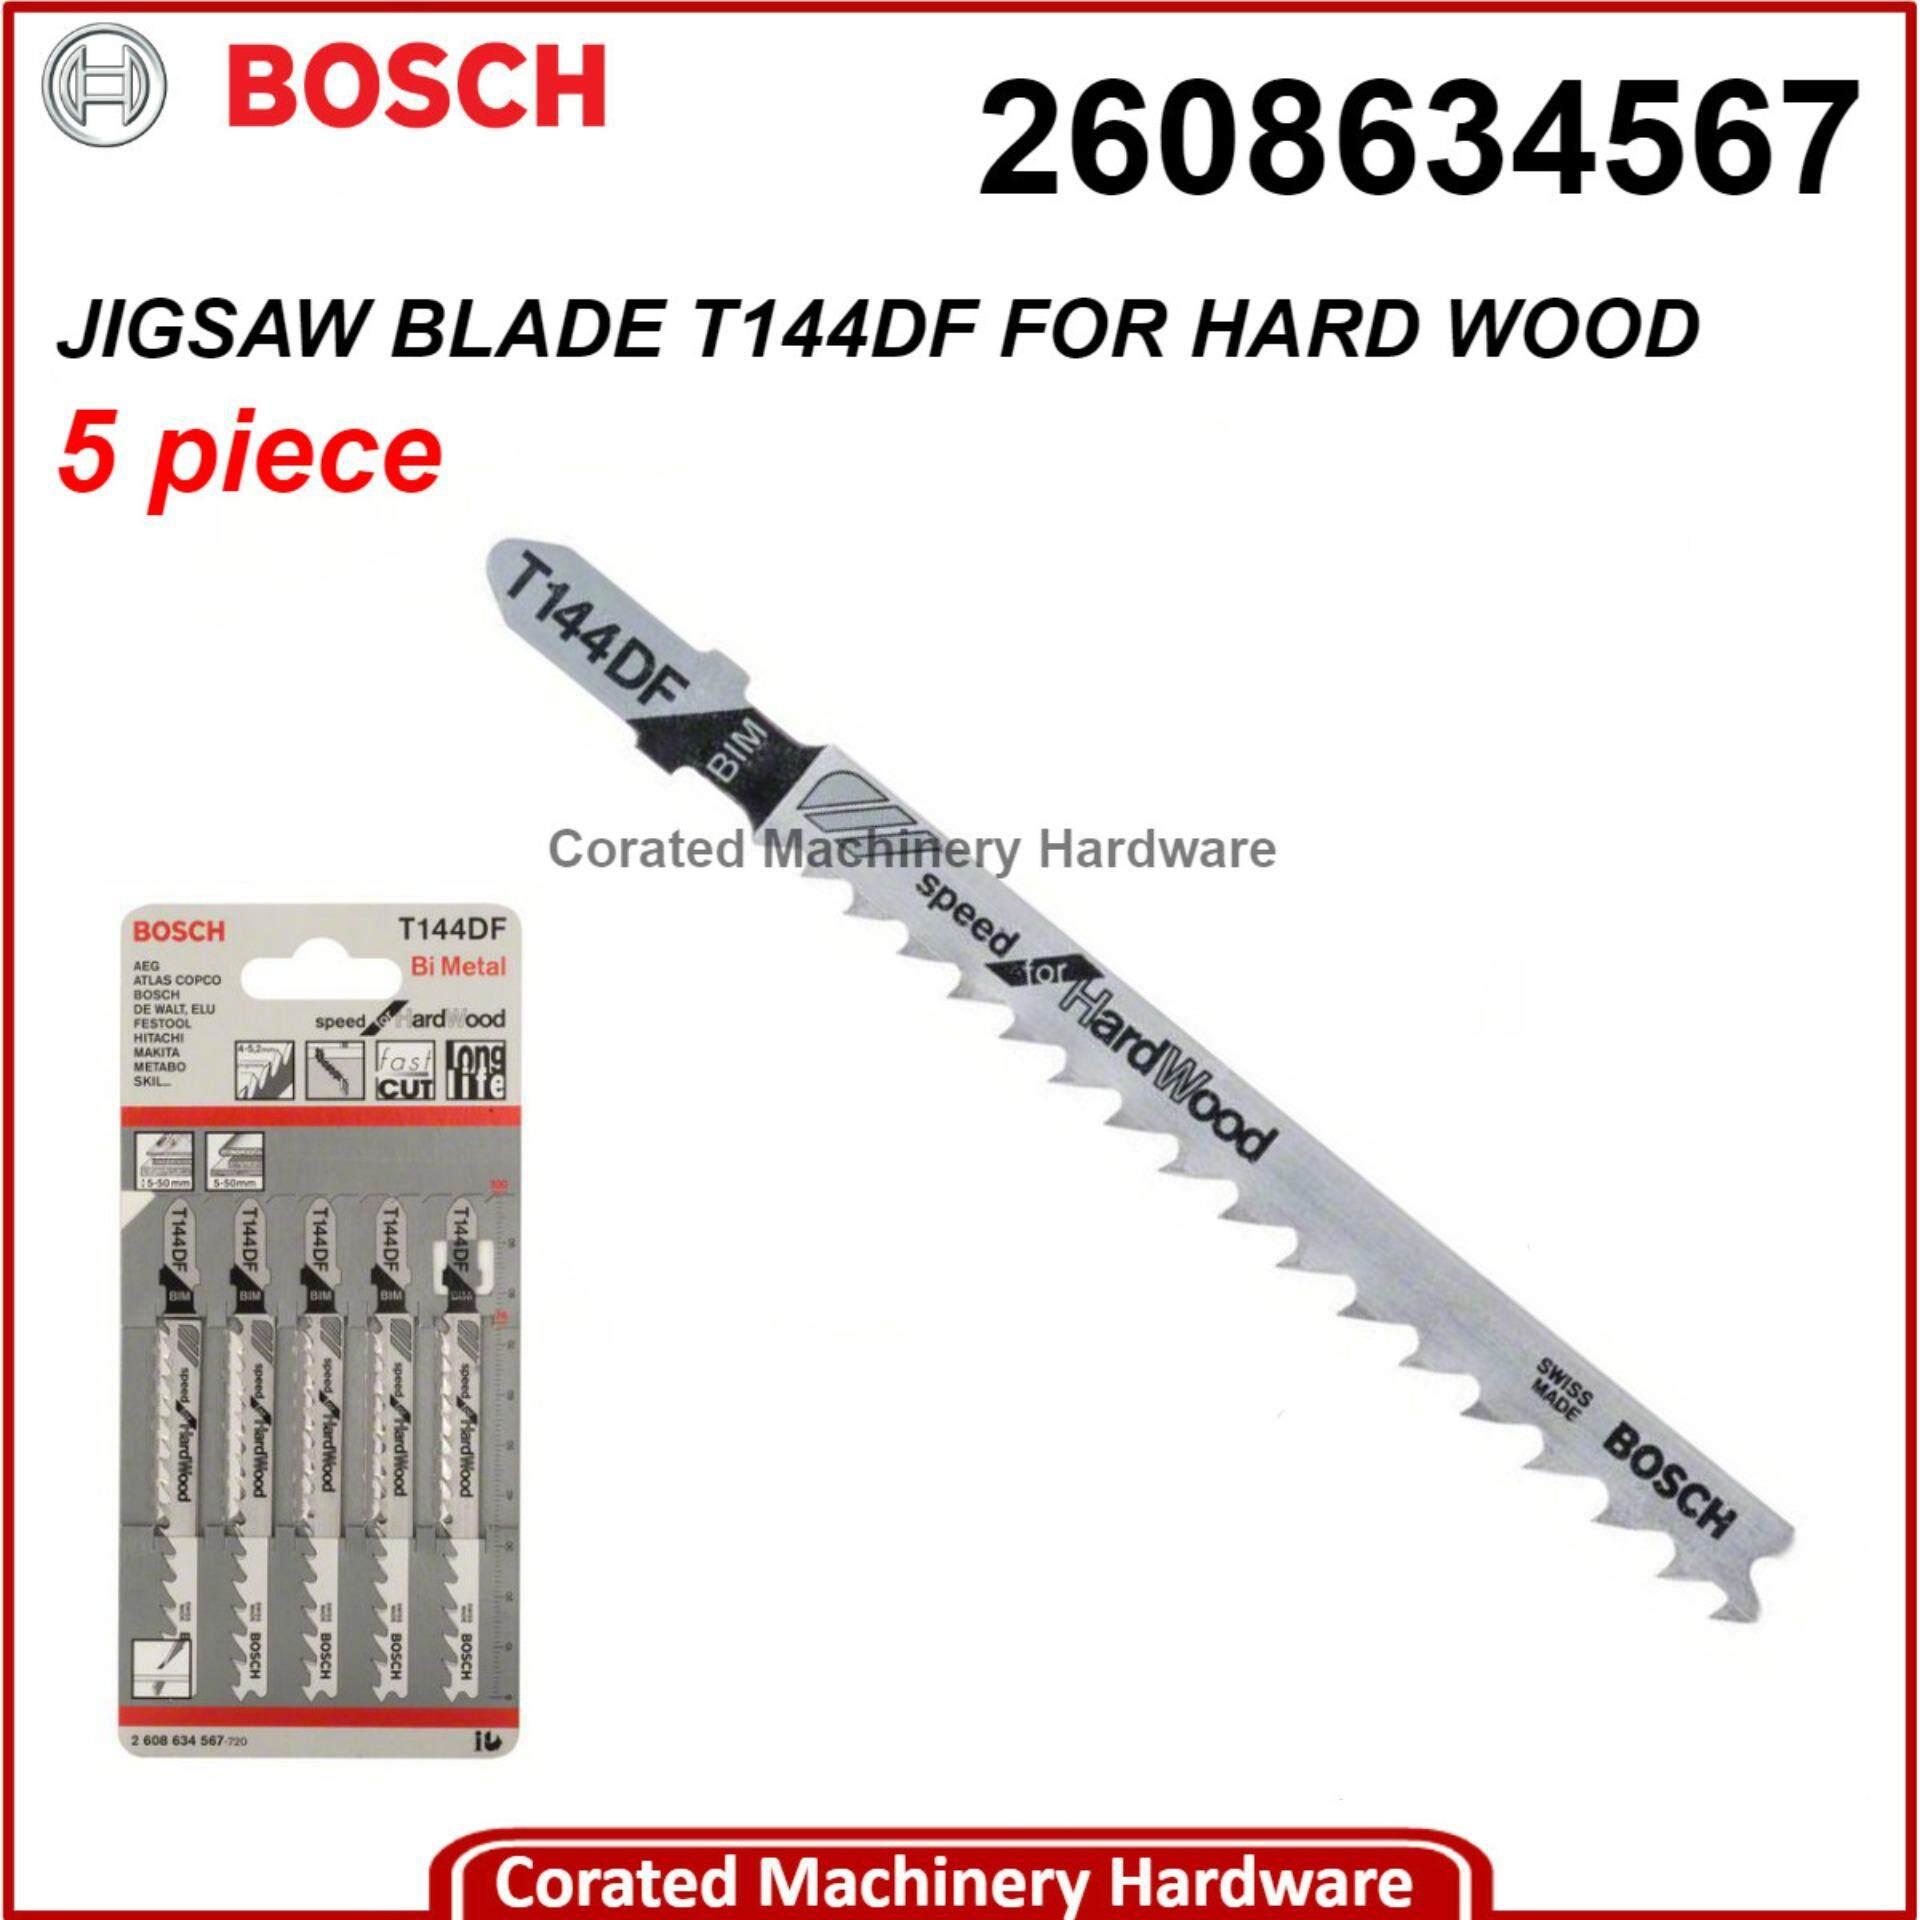 Bosch 2608634567 T144DF Jigsaw Blades PK-5